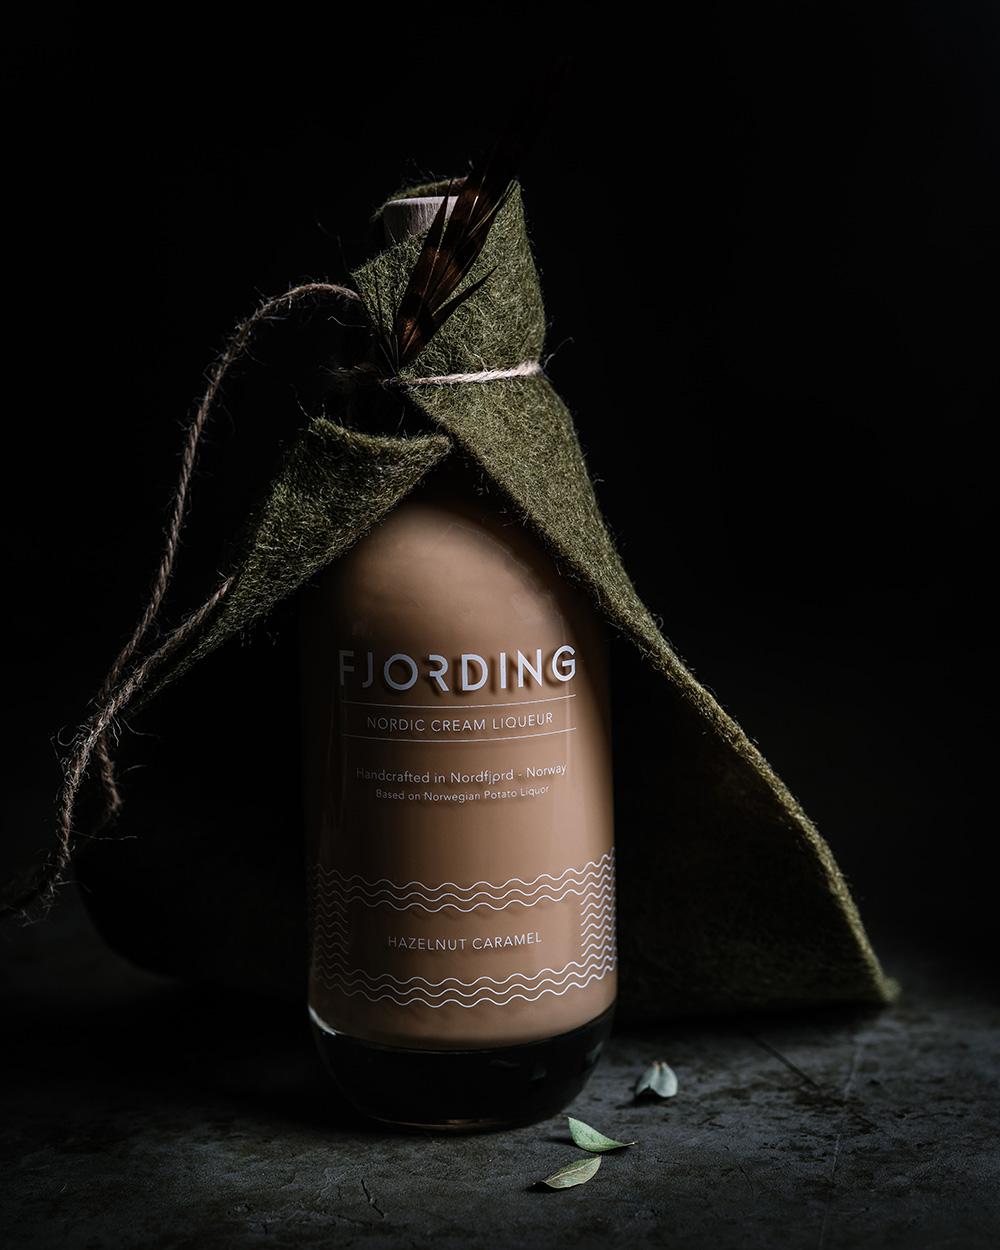 Fjording produkt mats dreyer fotograf stylist